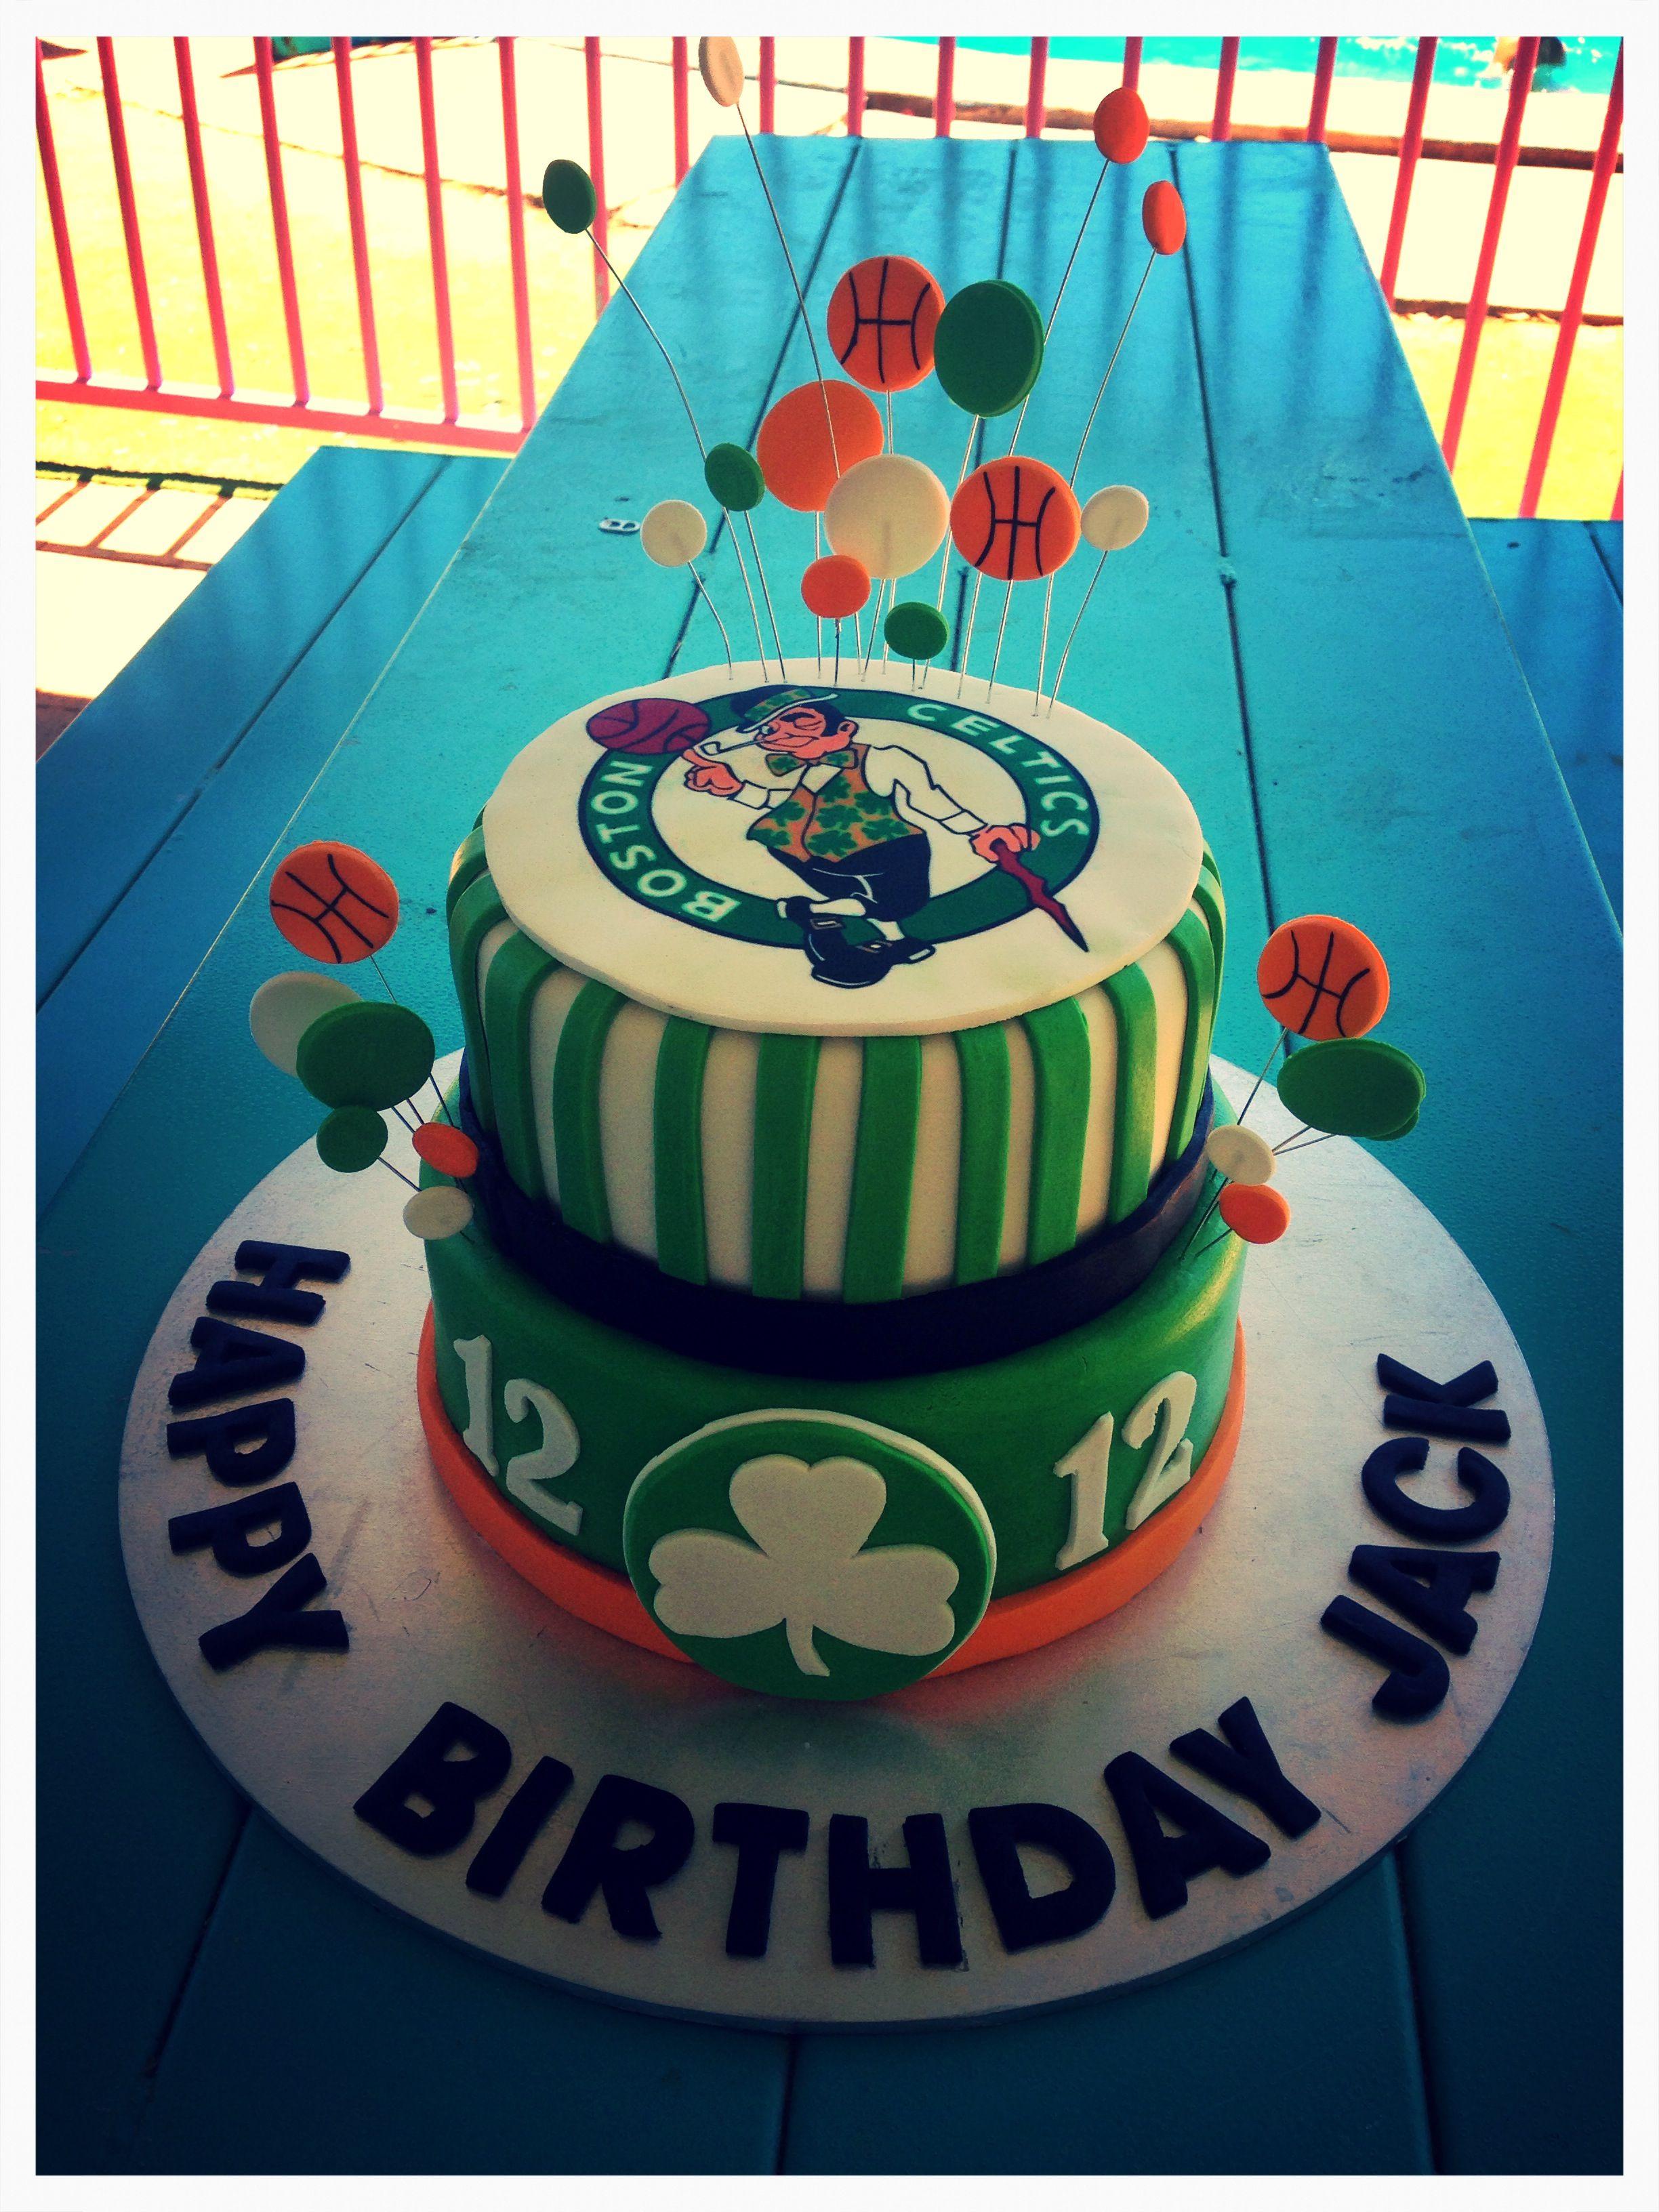 Birthday Cake Boston Celtics